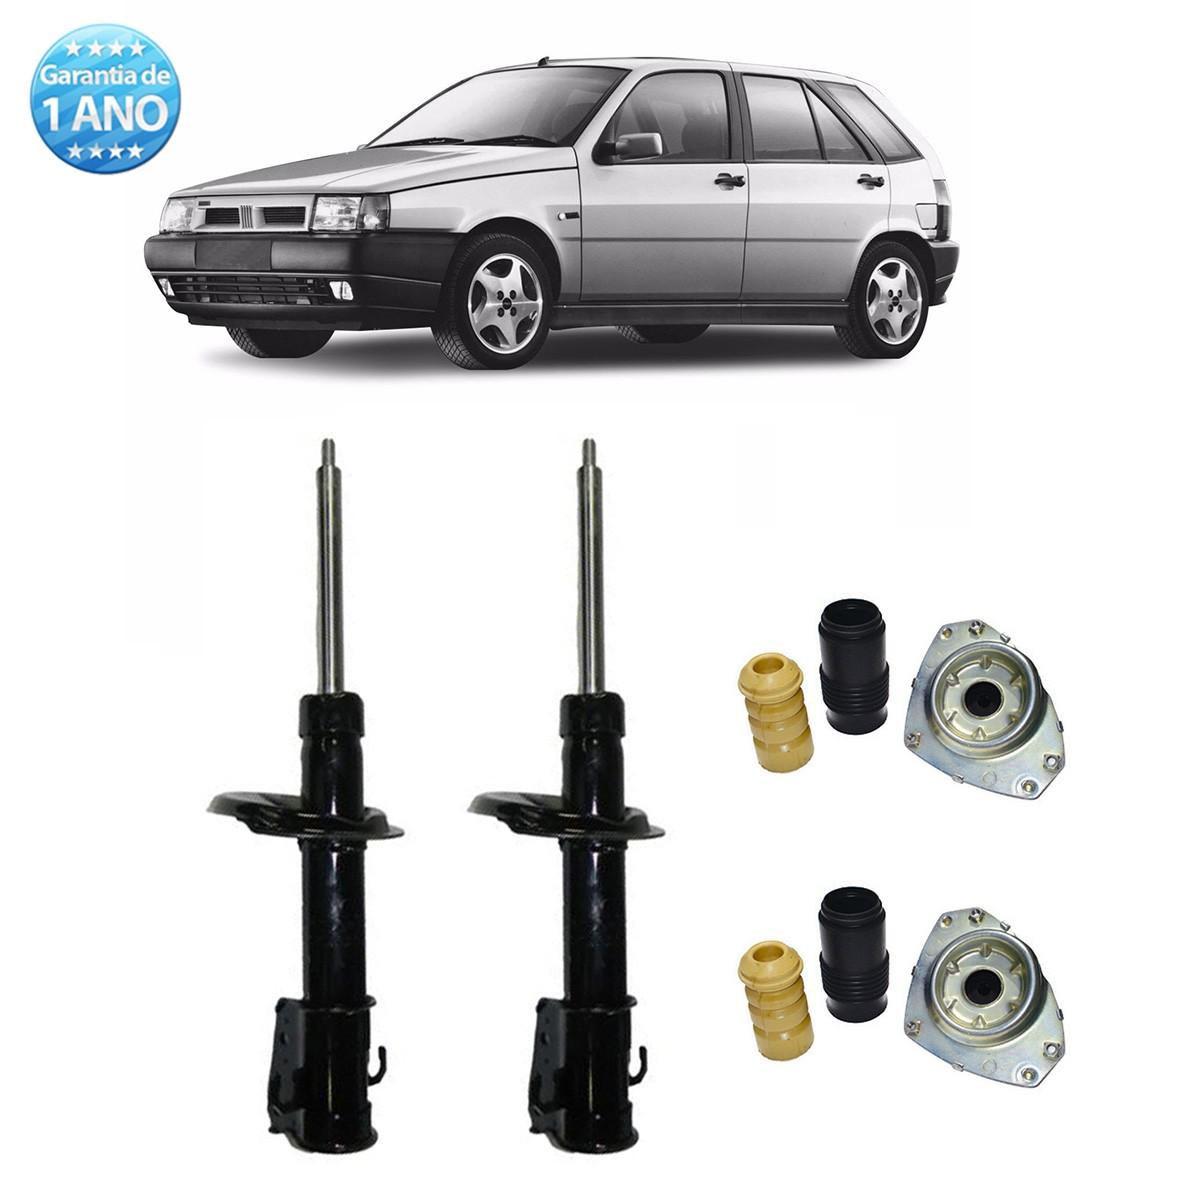 Par de Amortecedores Dianteiro Remanufaturados Fiat Tipo 1993 Até 1997 + Kit da Suspensão